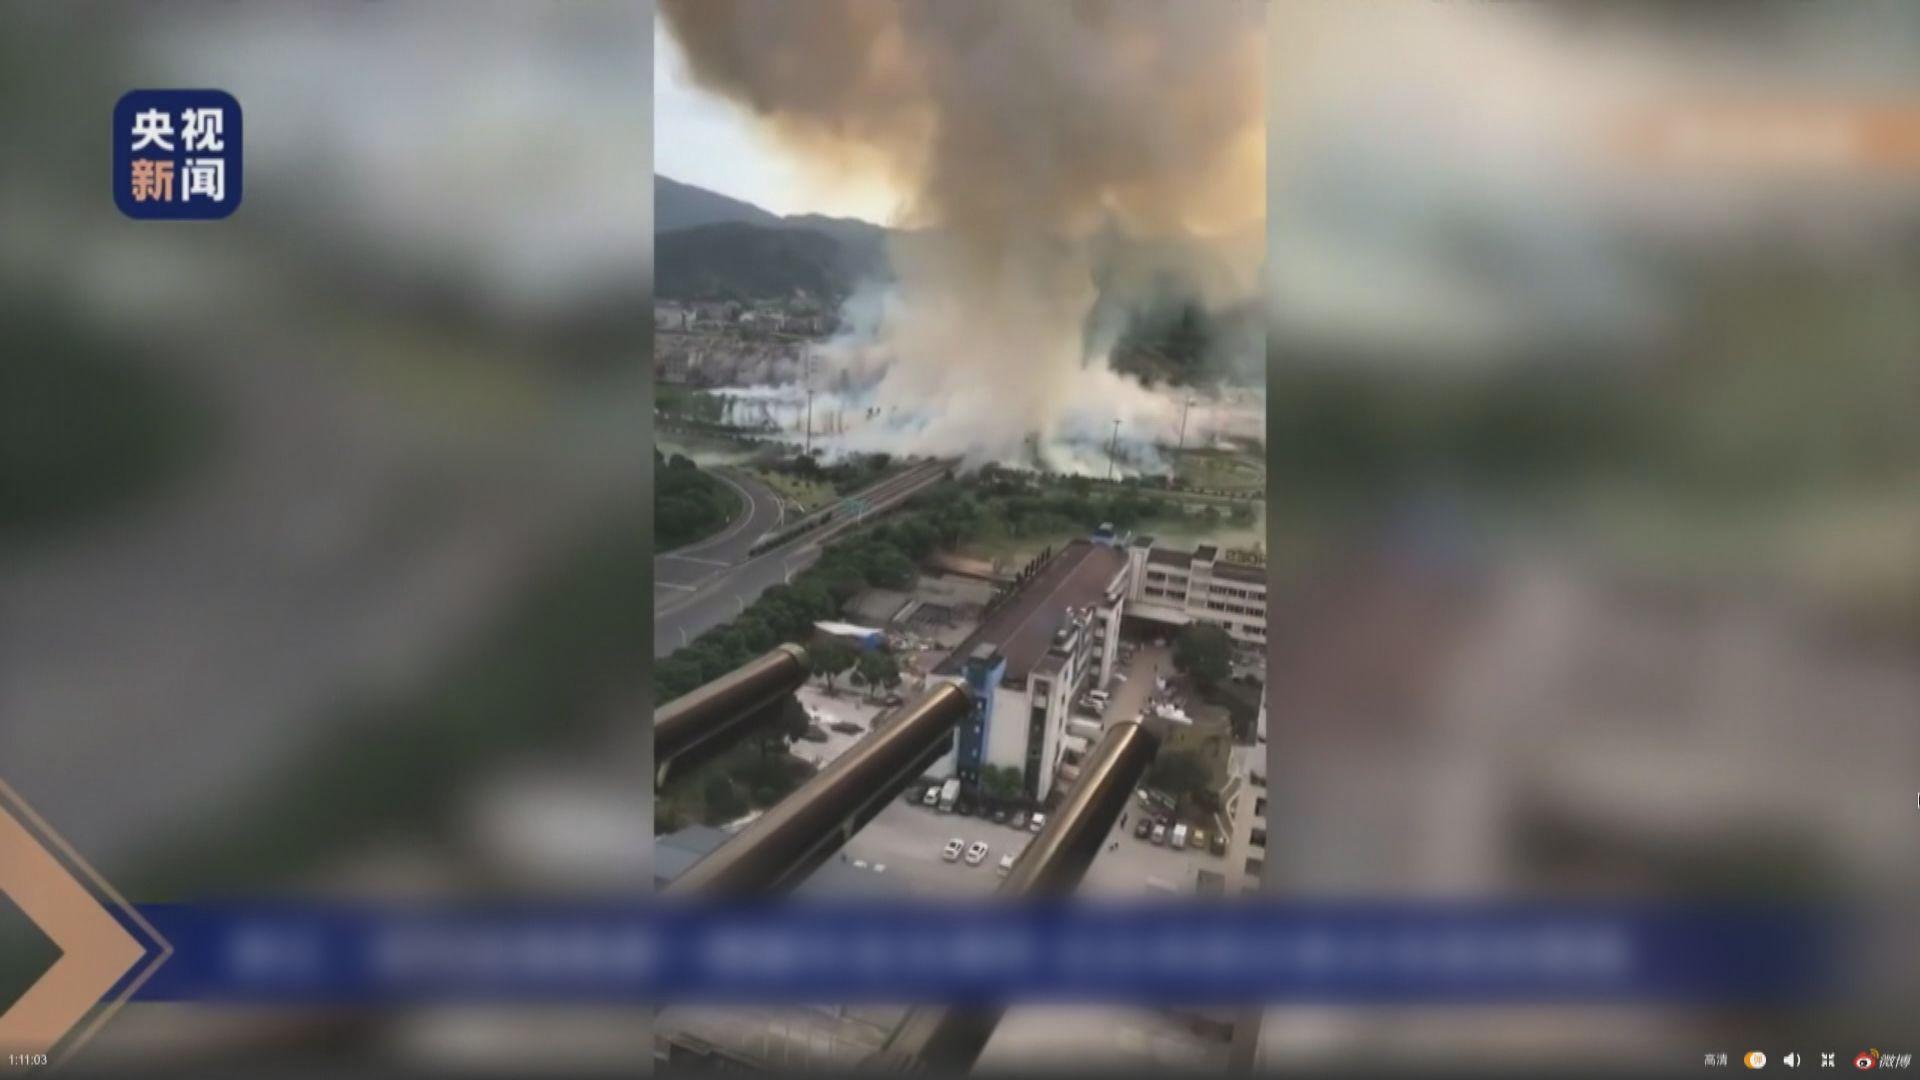 浙江溫嶺油罐車爆炸事故增至19死